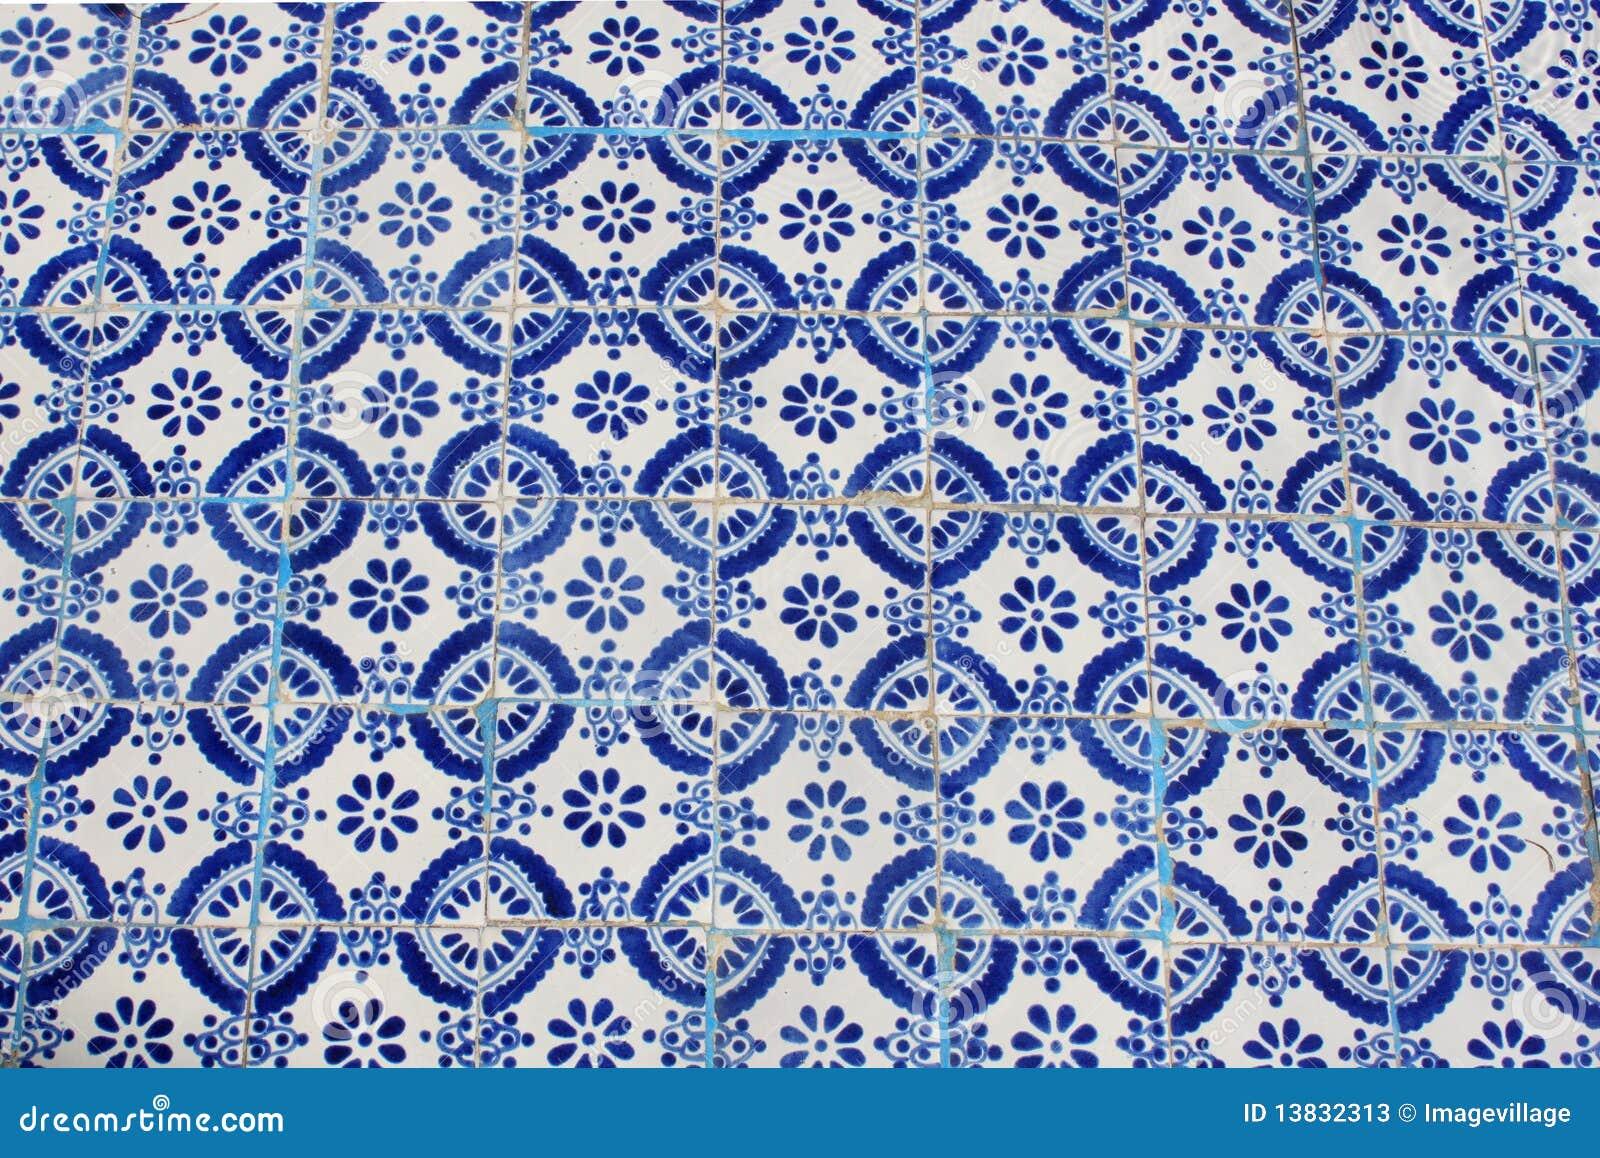 Azulejo azul fotos de archivo imagen 13832313 for Azulejo azul